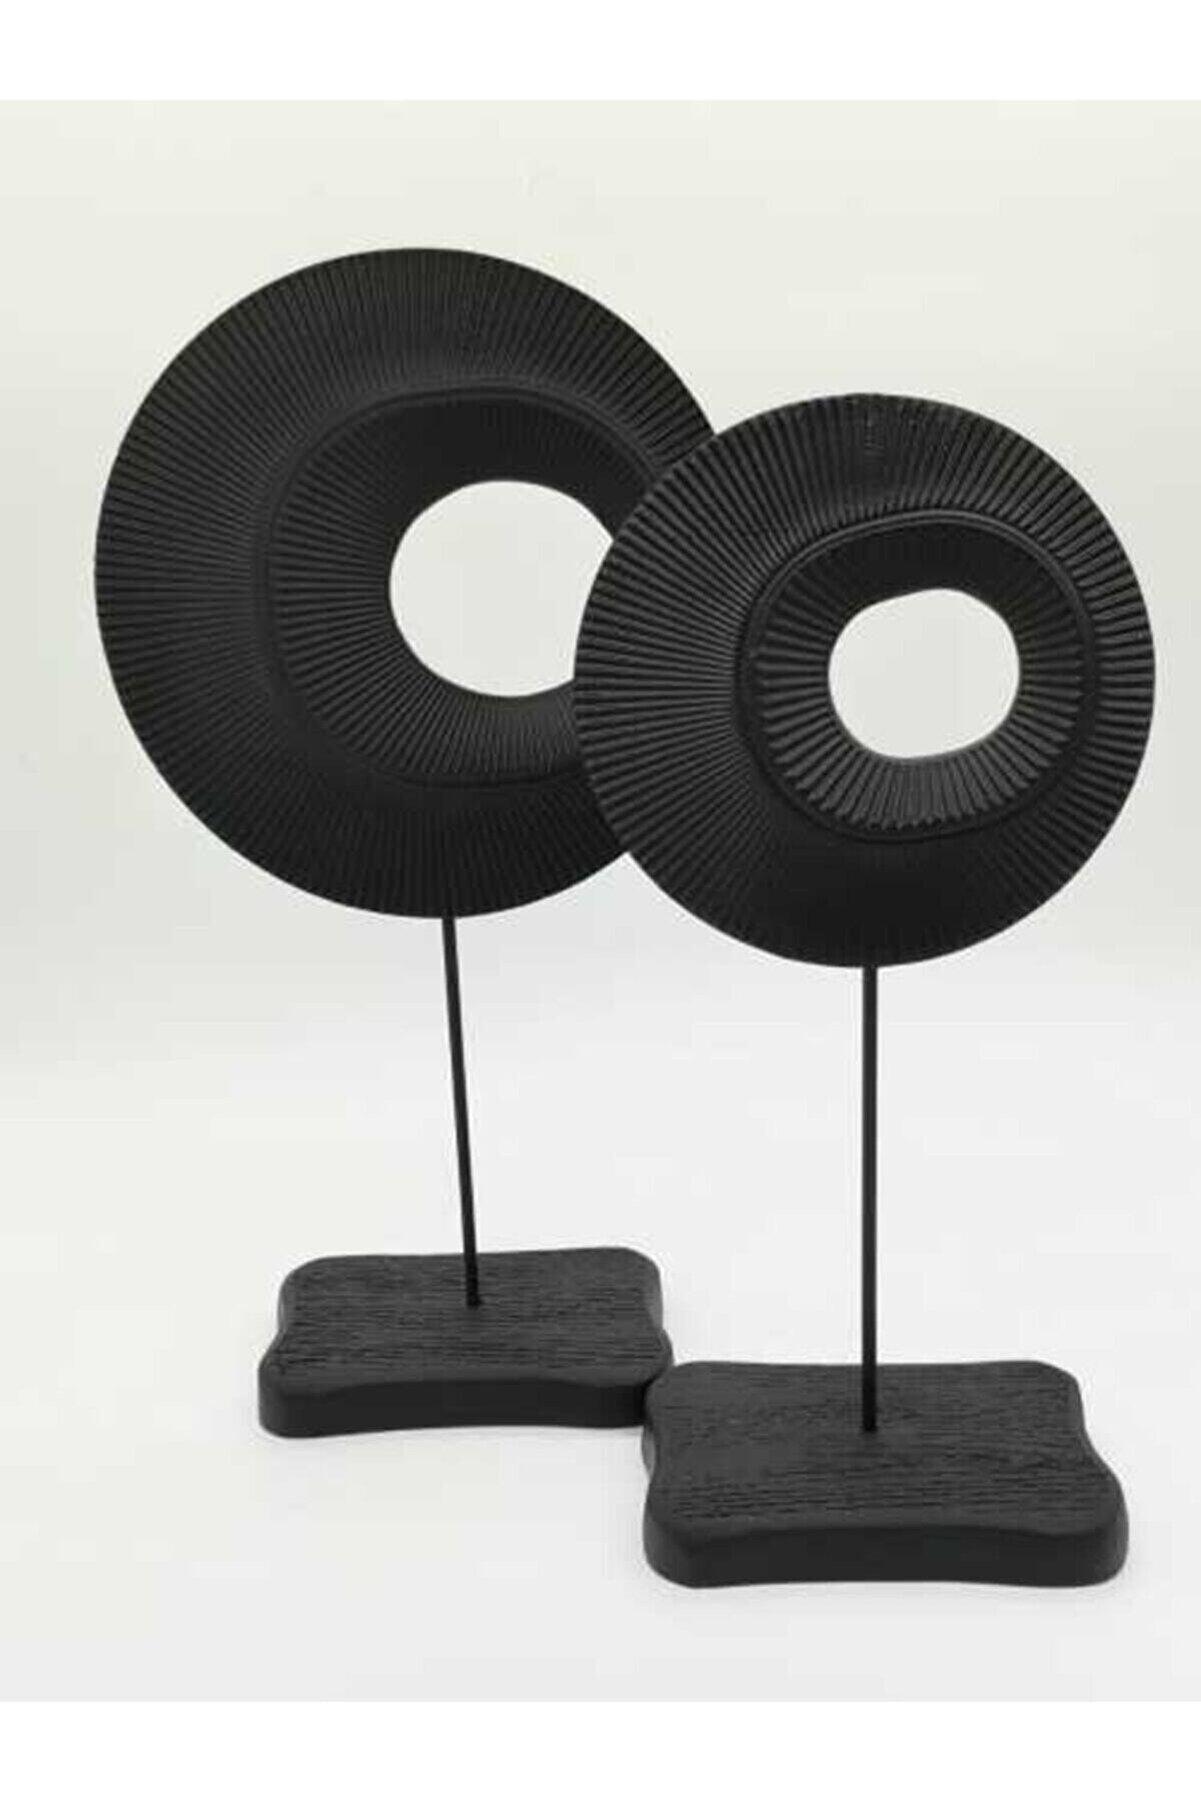 Arthome Dekoratif Mat Siyah Halka Obje 2'li Set